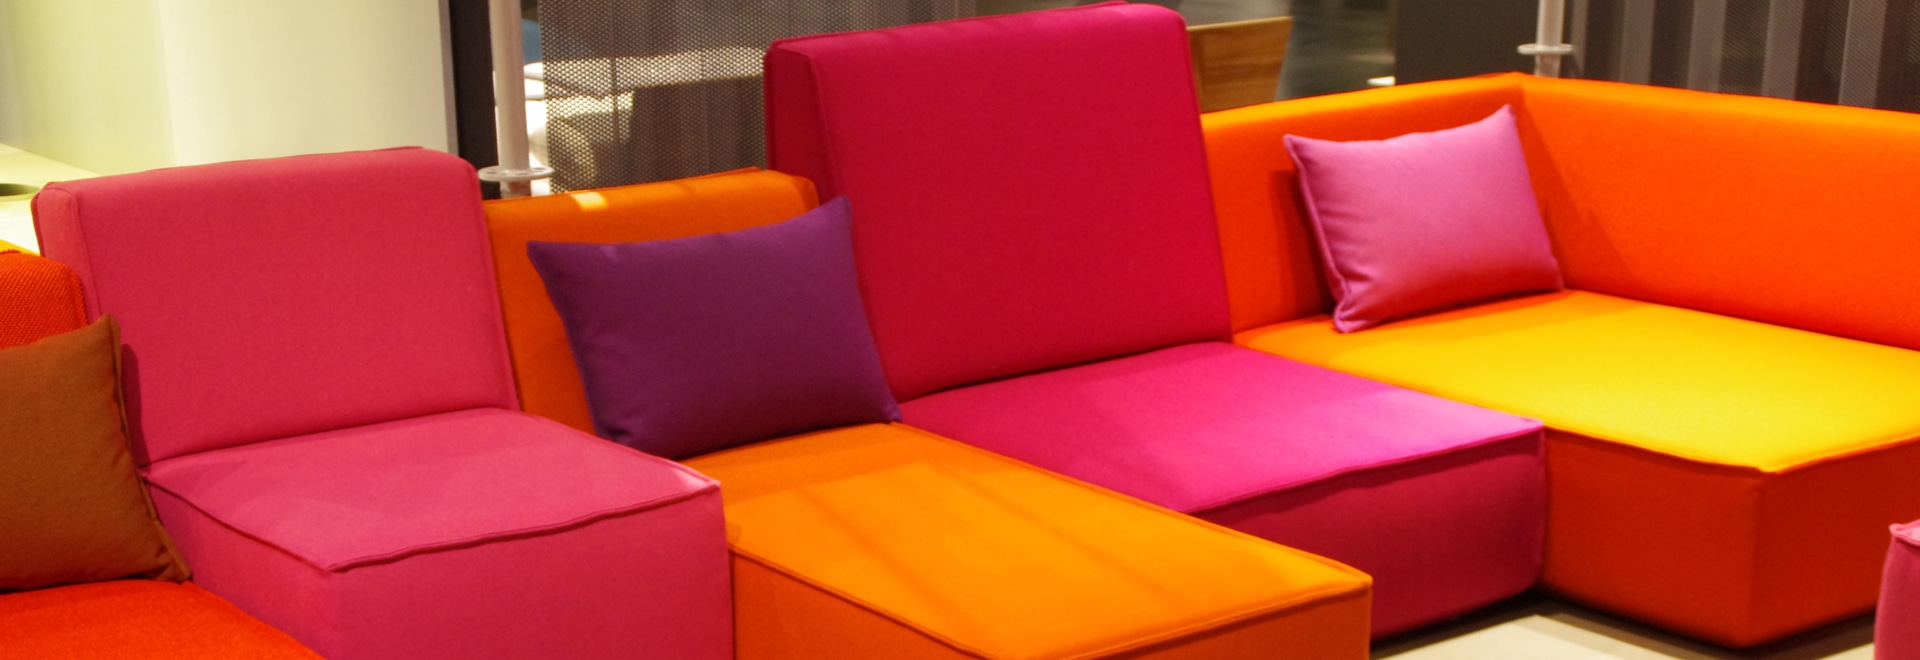 Cubit Sofa in orange and pink